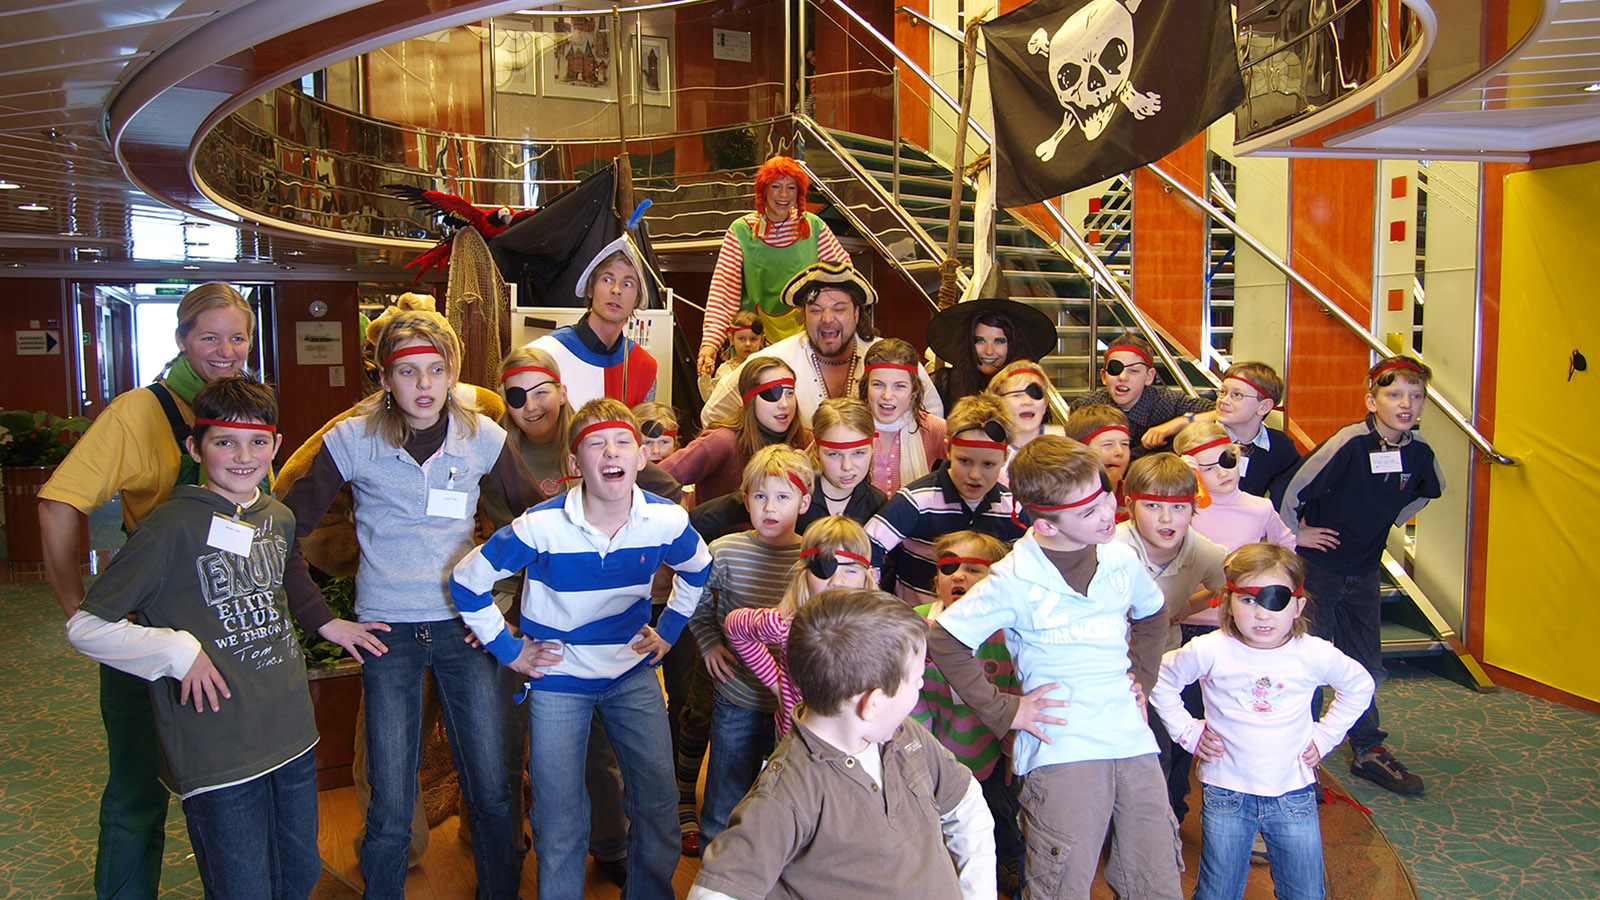 Piratenspektakel für den Nachwuchs: TT Line macht die Fährpassage zum Abenteuer. Foto: Hilke Maunder